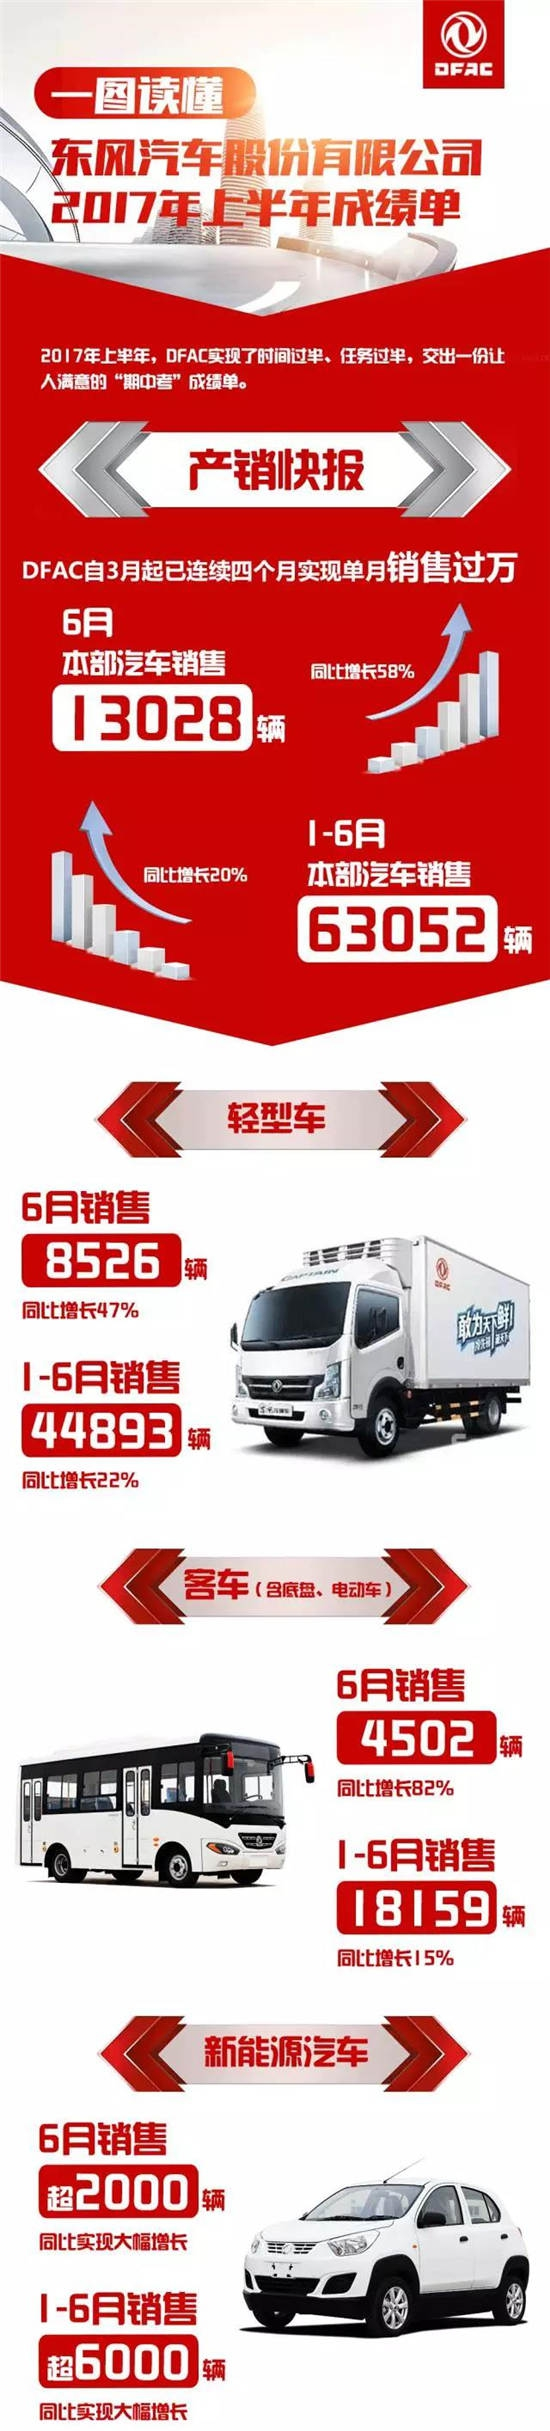 东风股份上半年销量超过6万辆